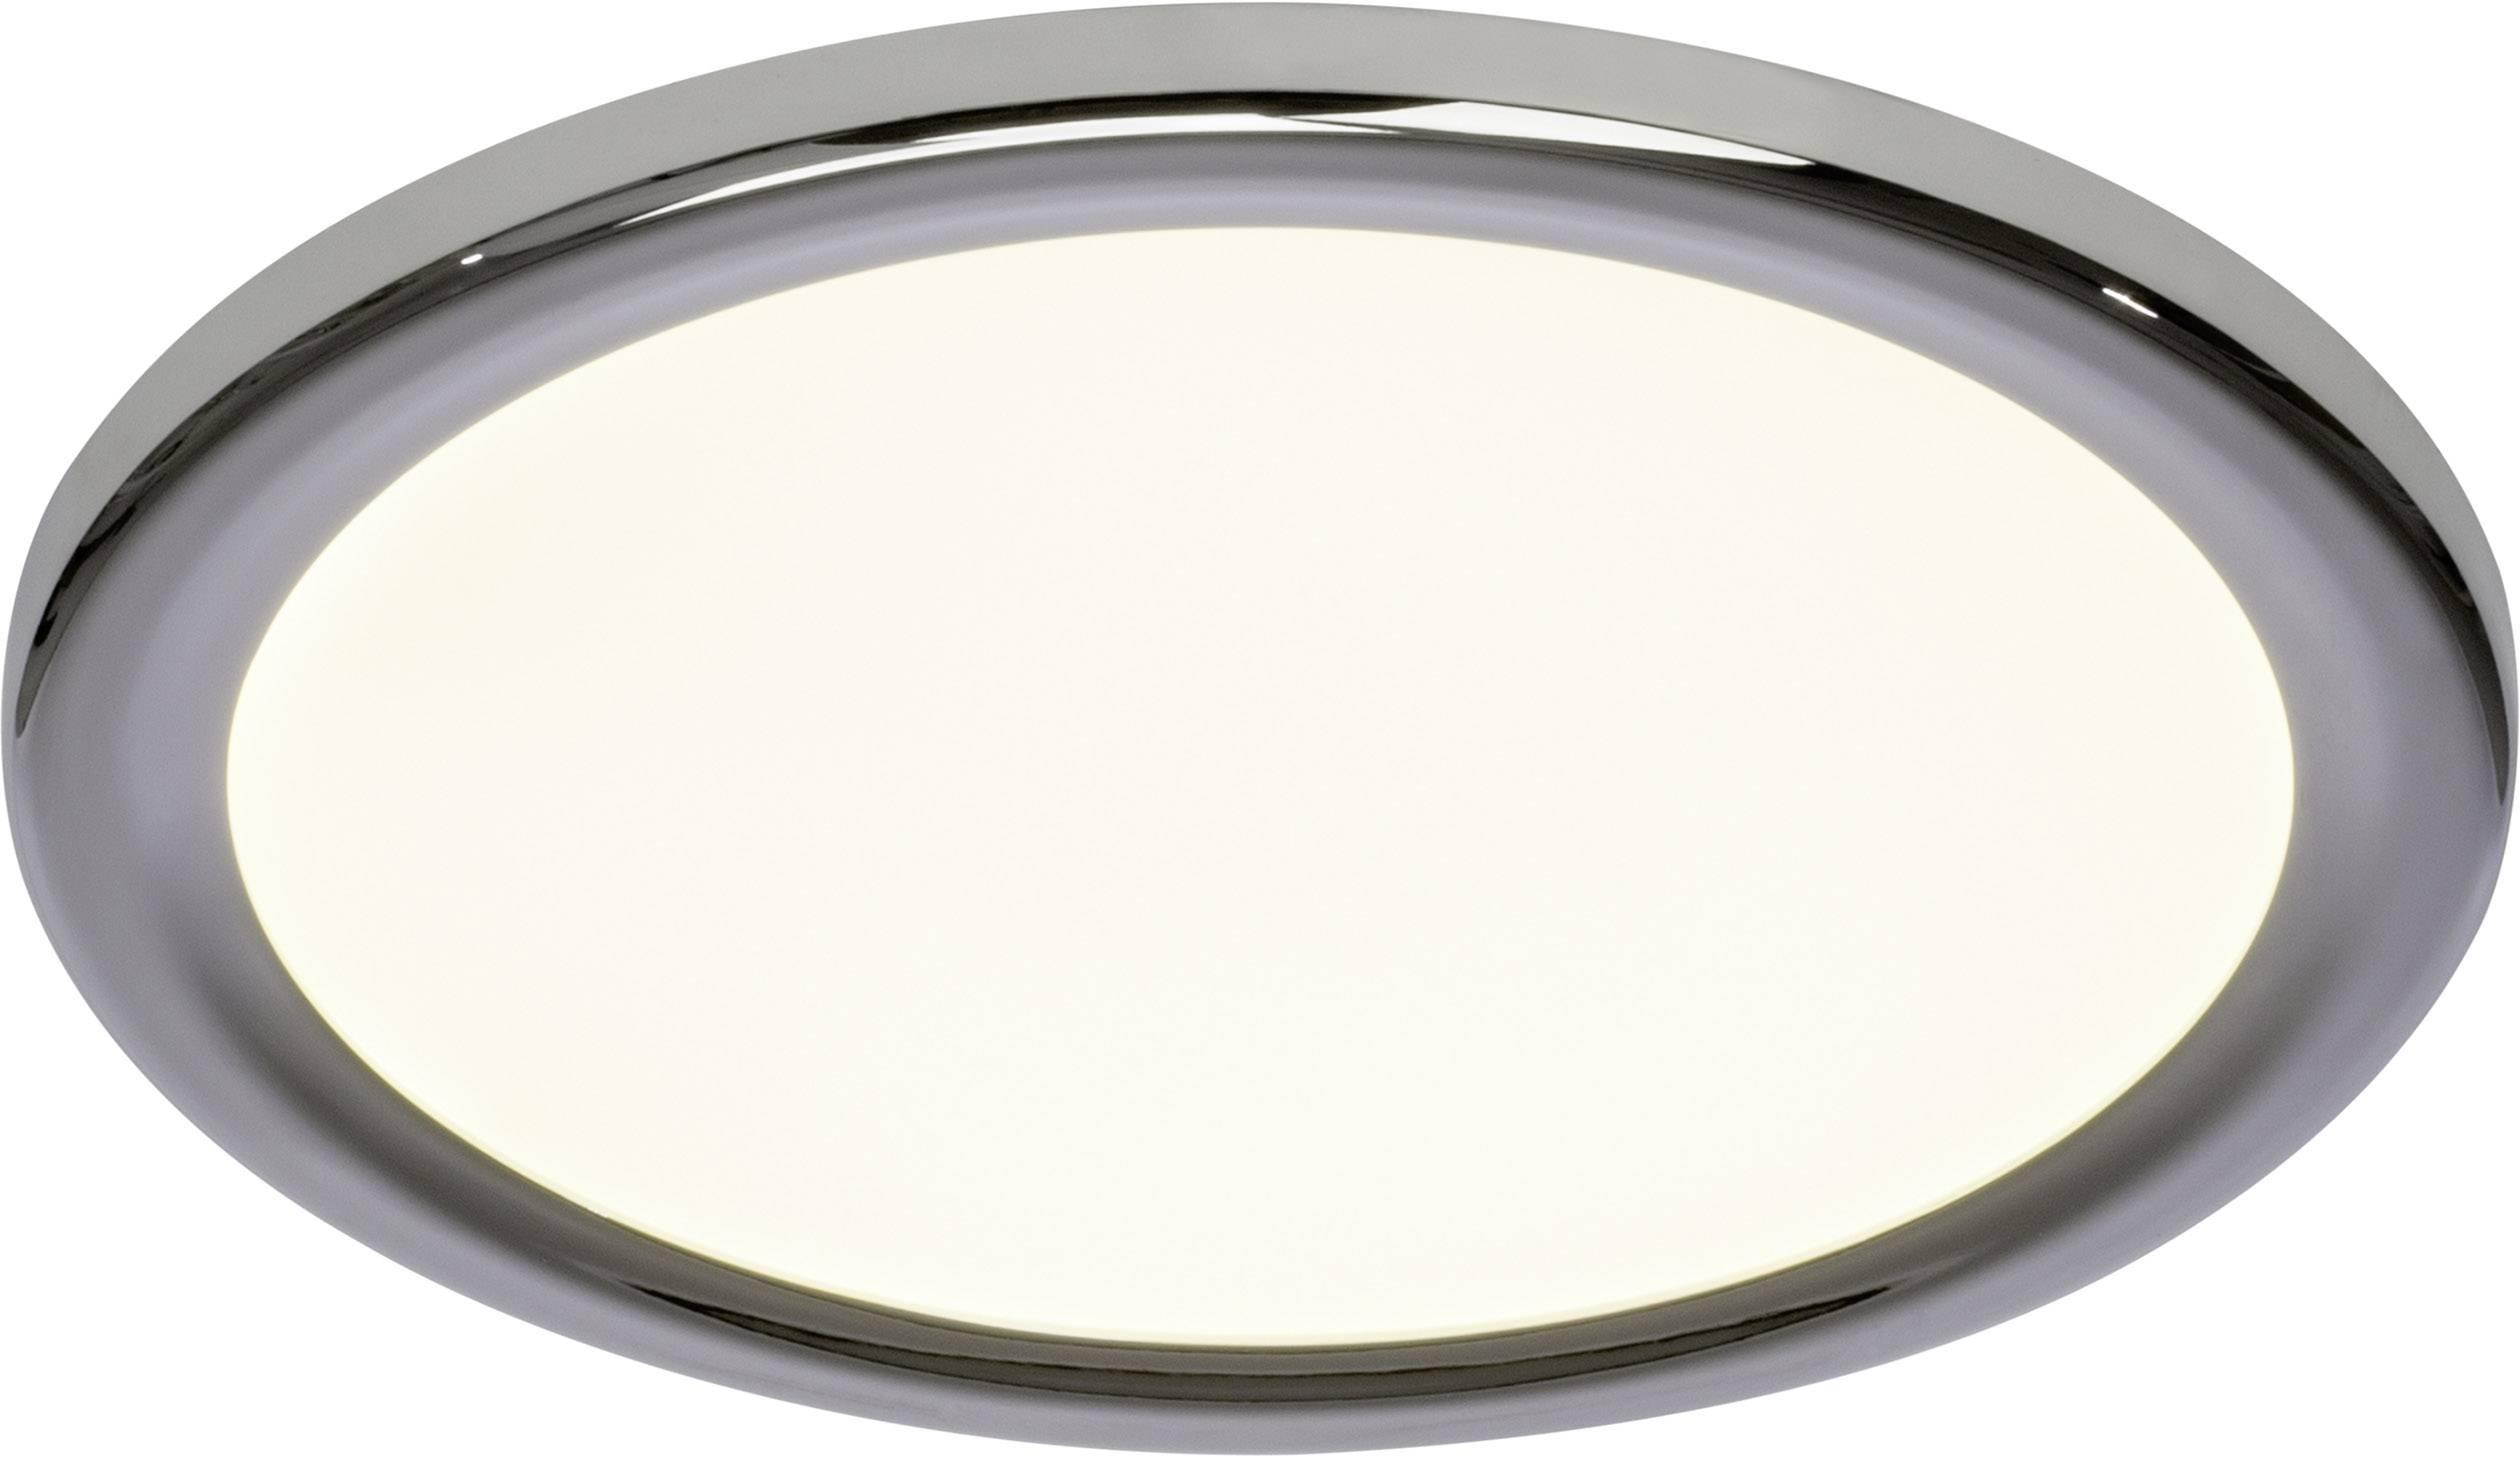 Led pour salle de bain eclairage led salle de bain luxe for Carrelage adhesif salle de bain avec eclairage ruban led cuisine